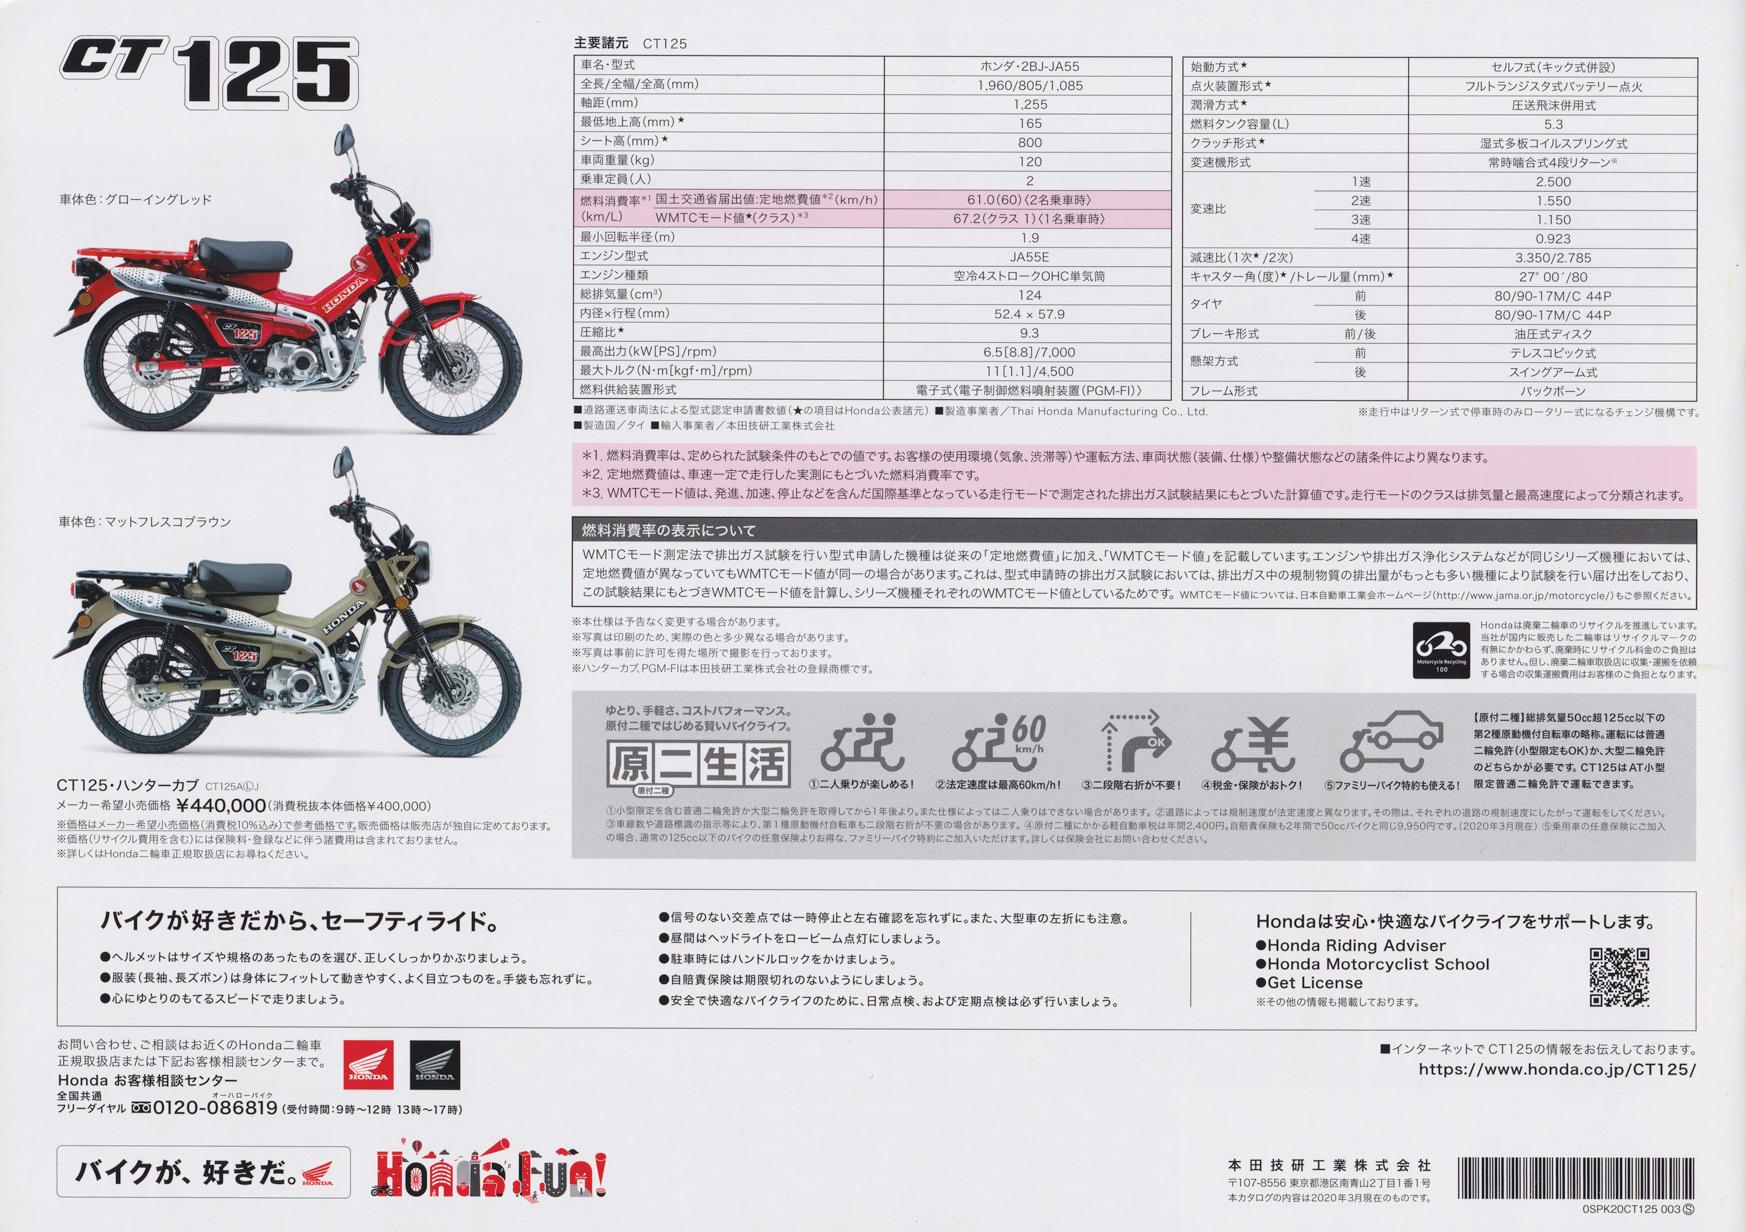 新型ハンターカブ(CT125)本体カタログ